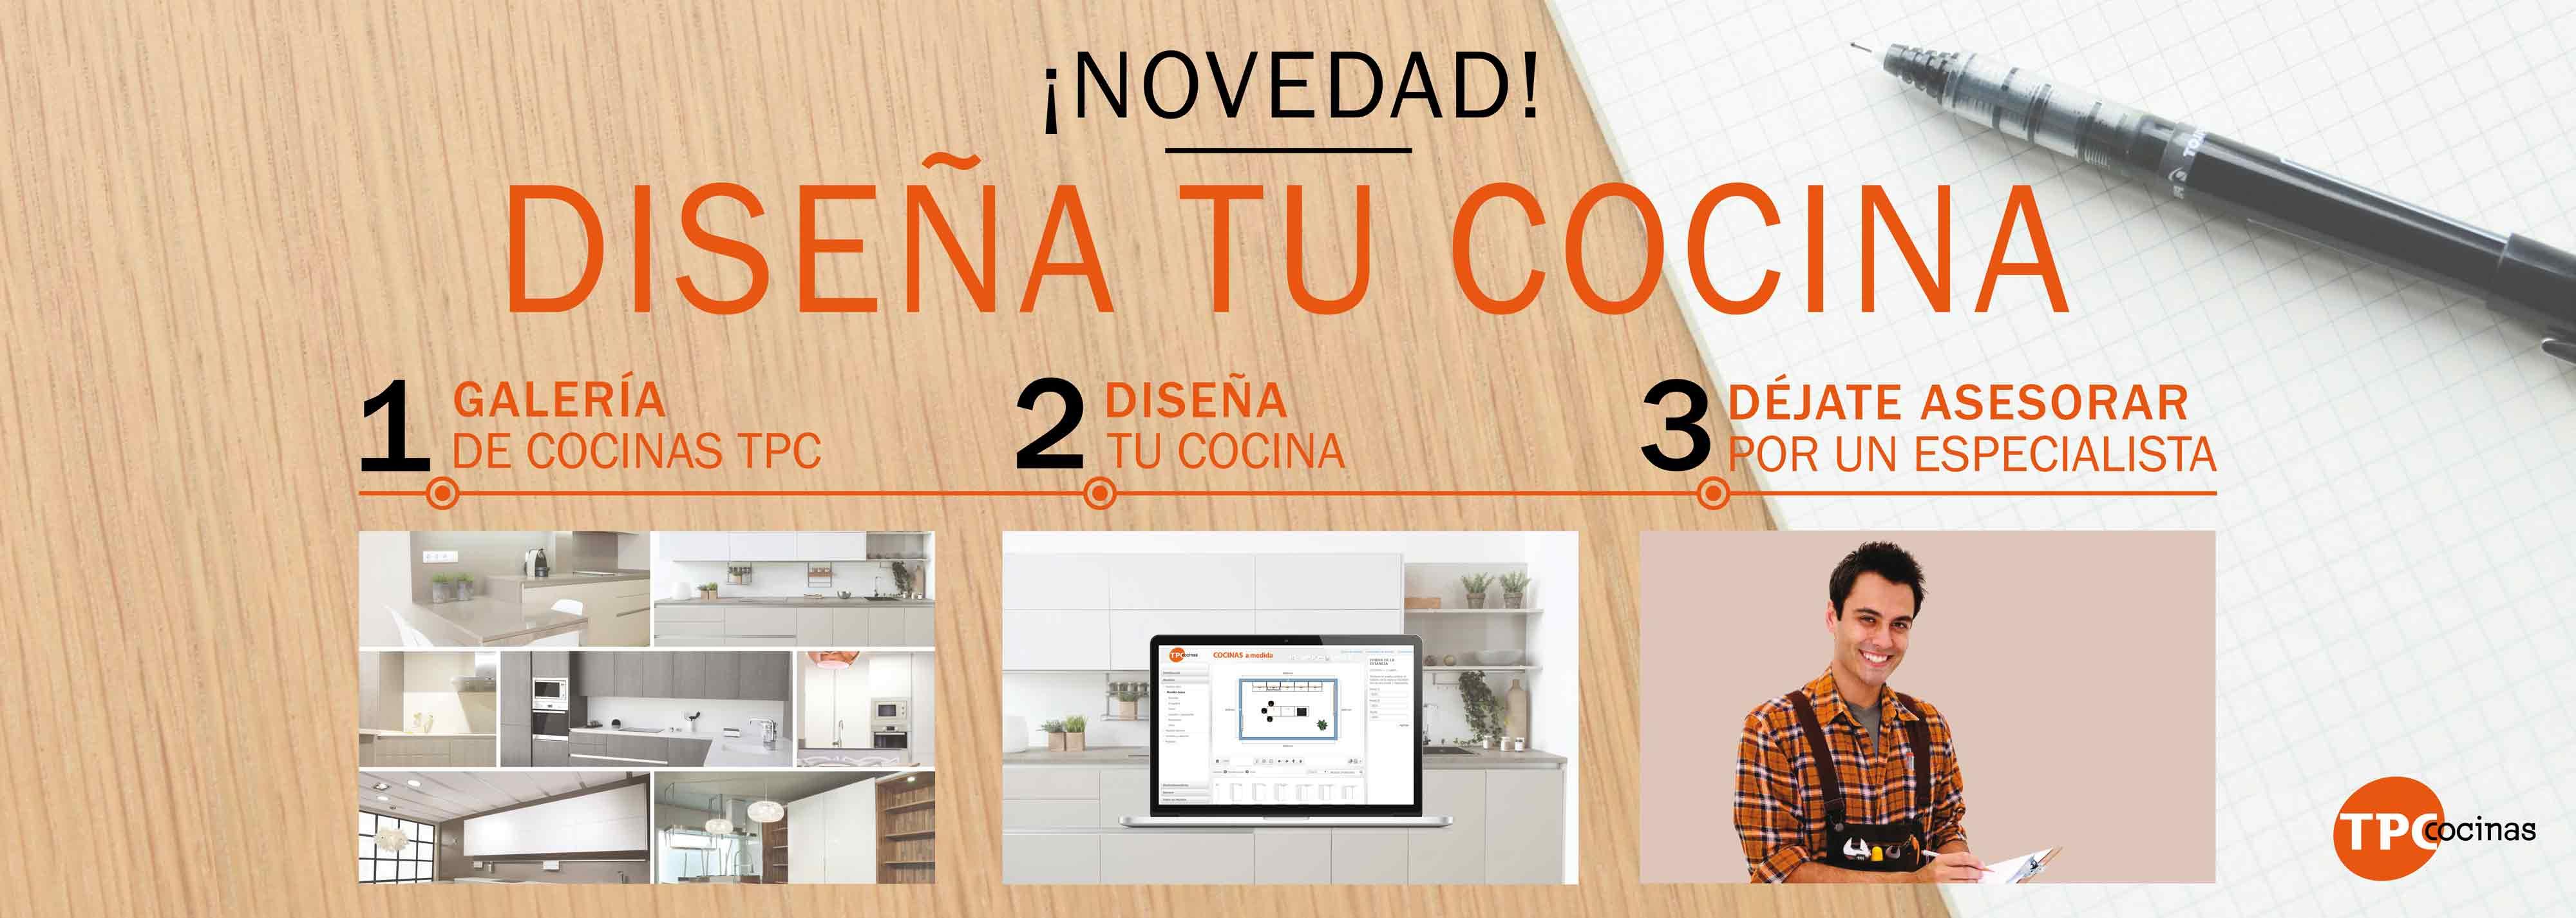 Tpc cocinas dise ador 3d for Programas para disenar cocinas en 3d